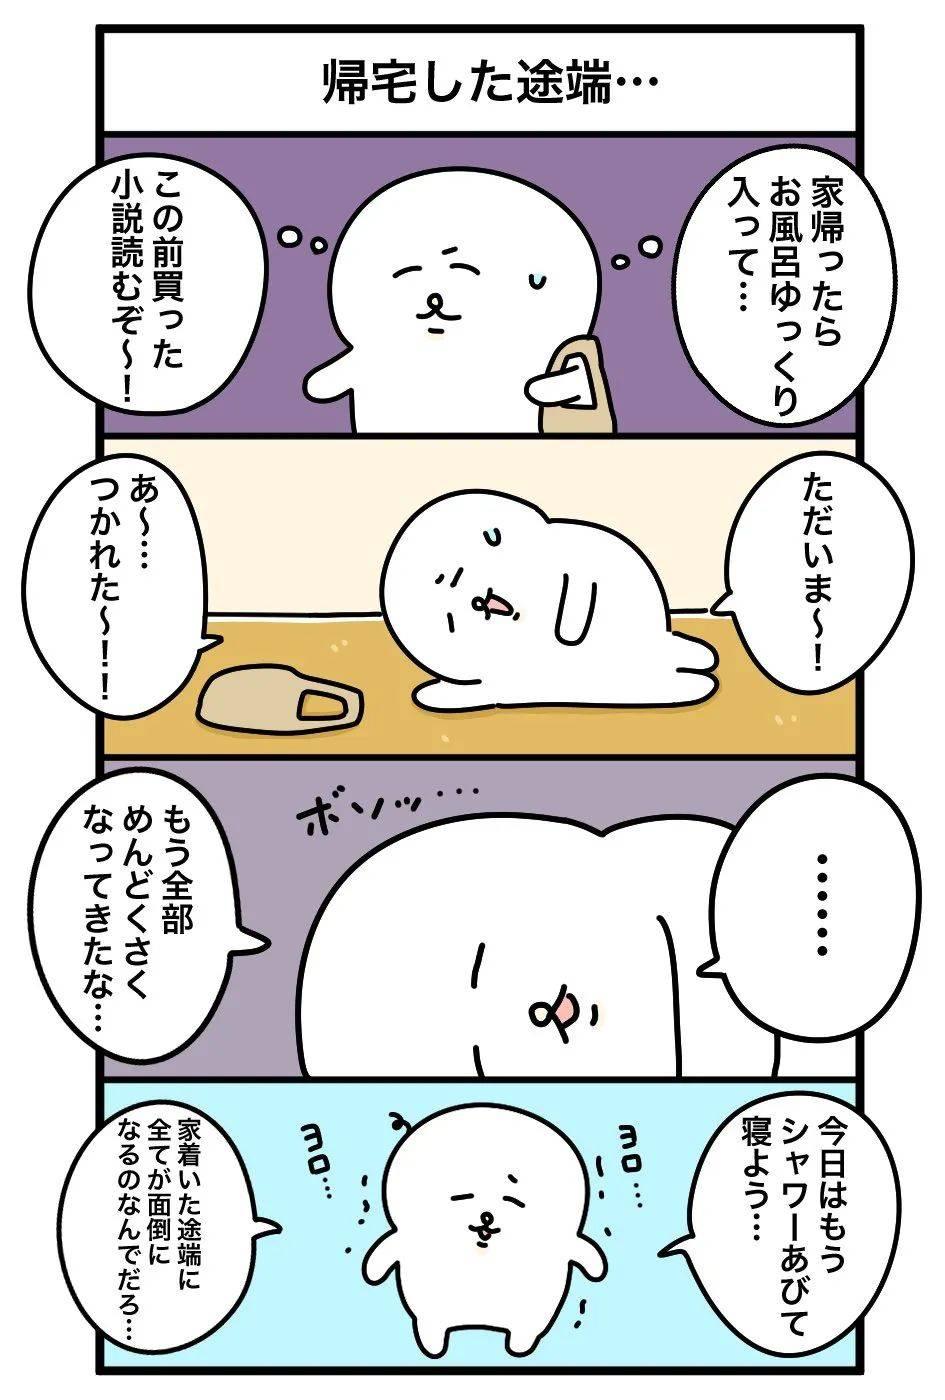 日网爆火的日常生活漫画...网友:请拆掉监控谢谢!